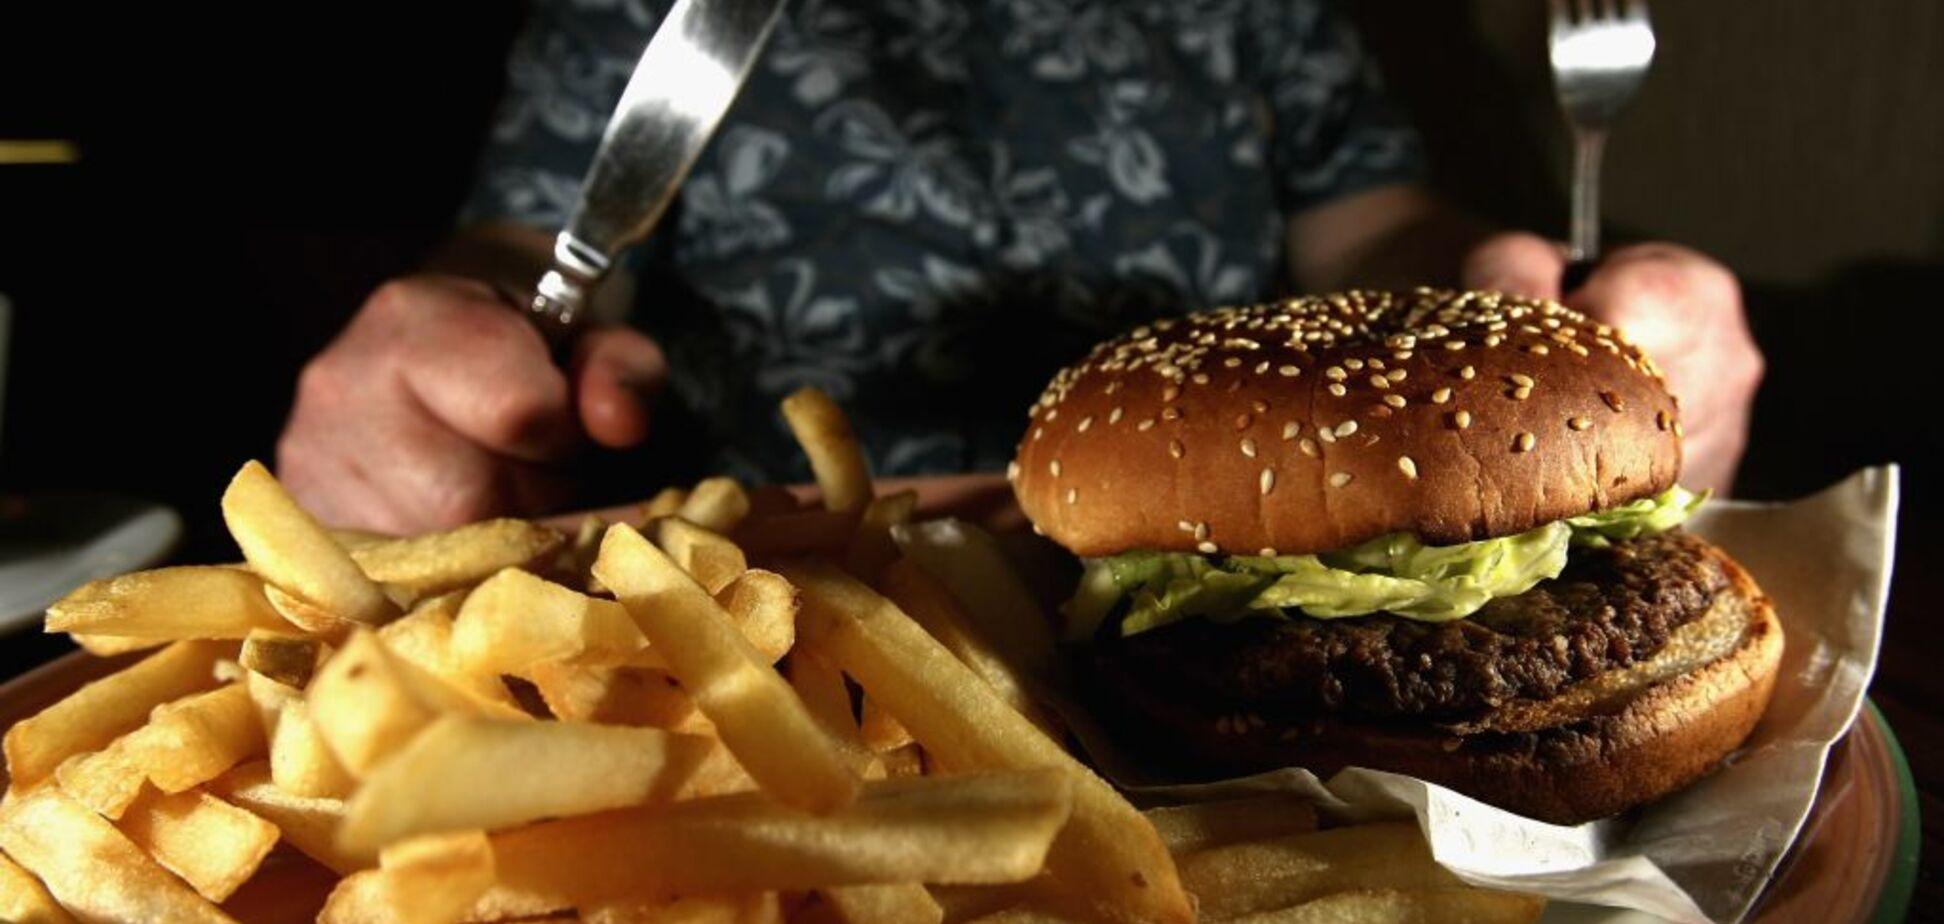 Канадські вчені визначили причини, через які люди різко набирають вагу